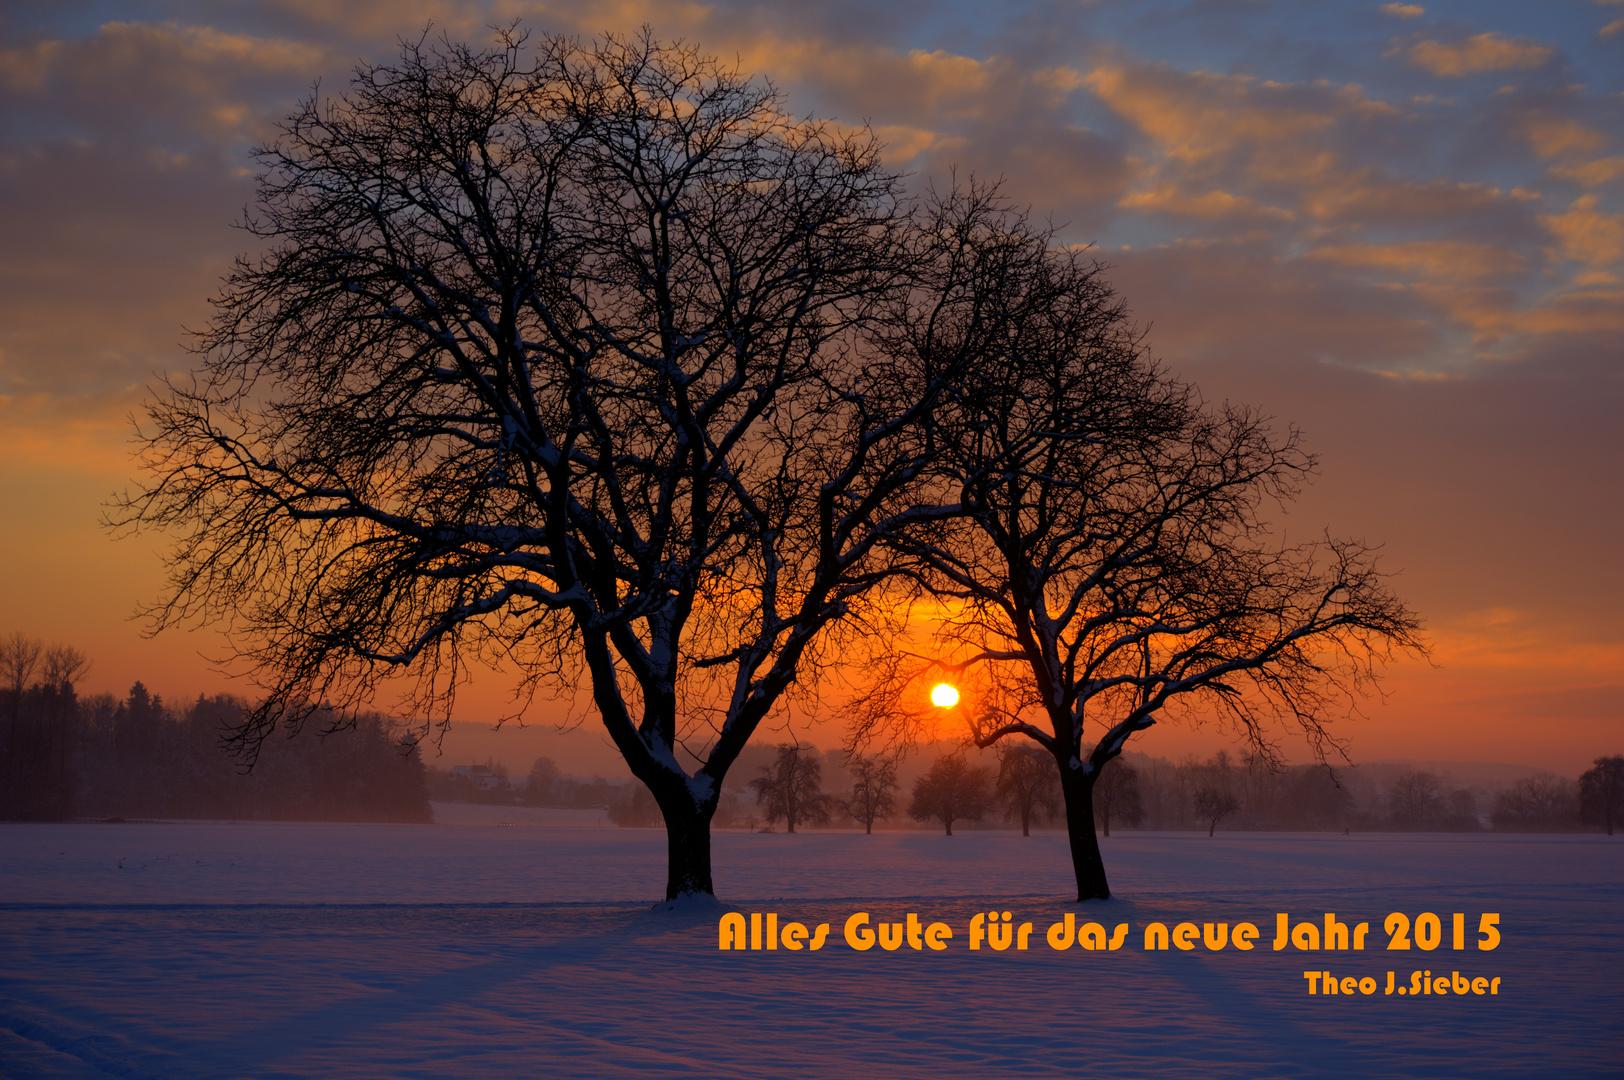 Briefe Für Neues Jahr : Alles gute für das neue jahr foto bild landschaft